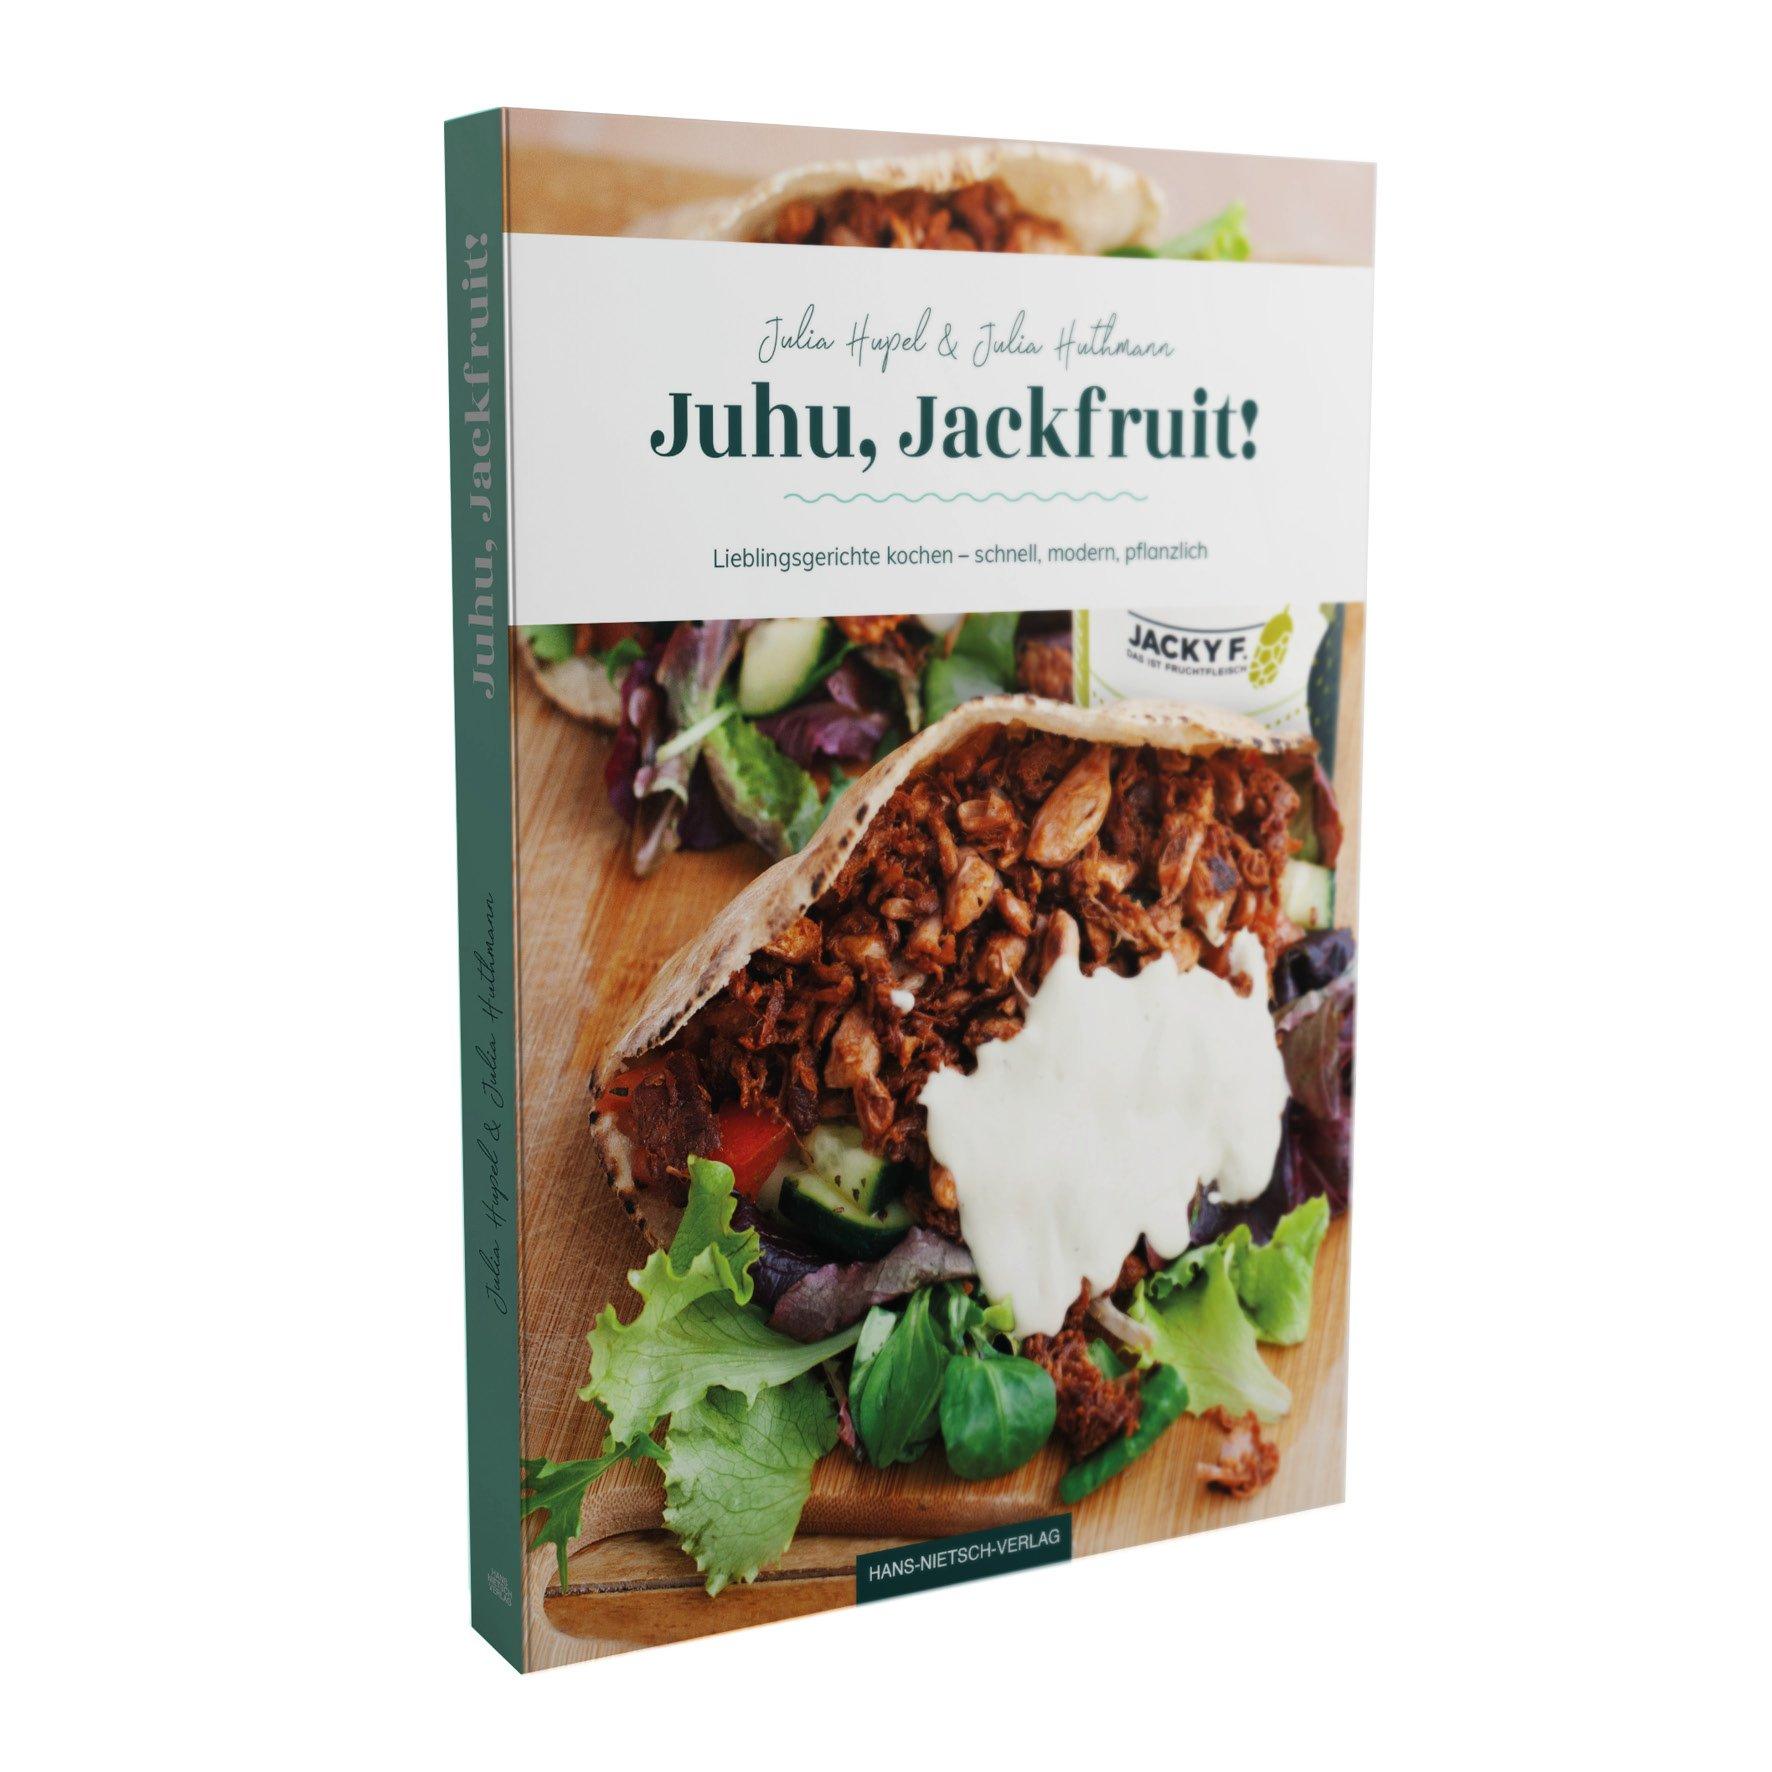 Kochbuch Juhu Jackfruit von Jacky F. Produktbild